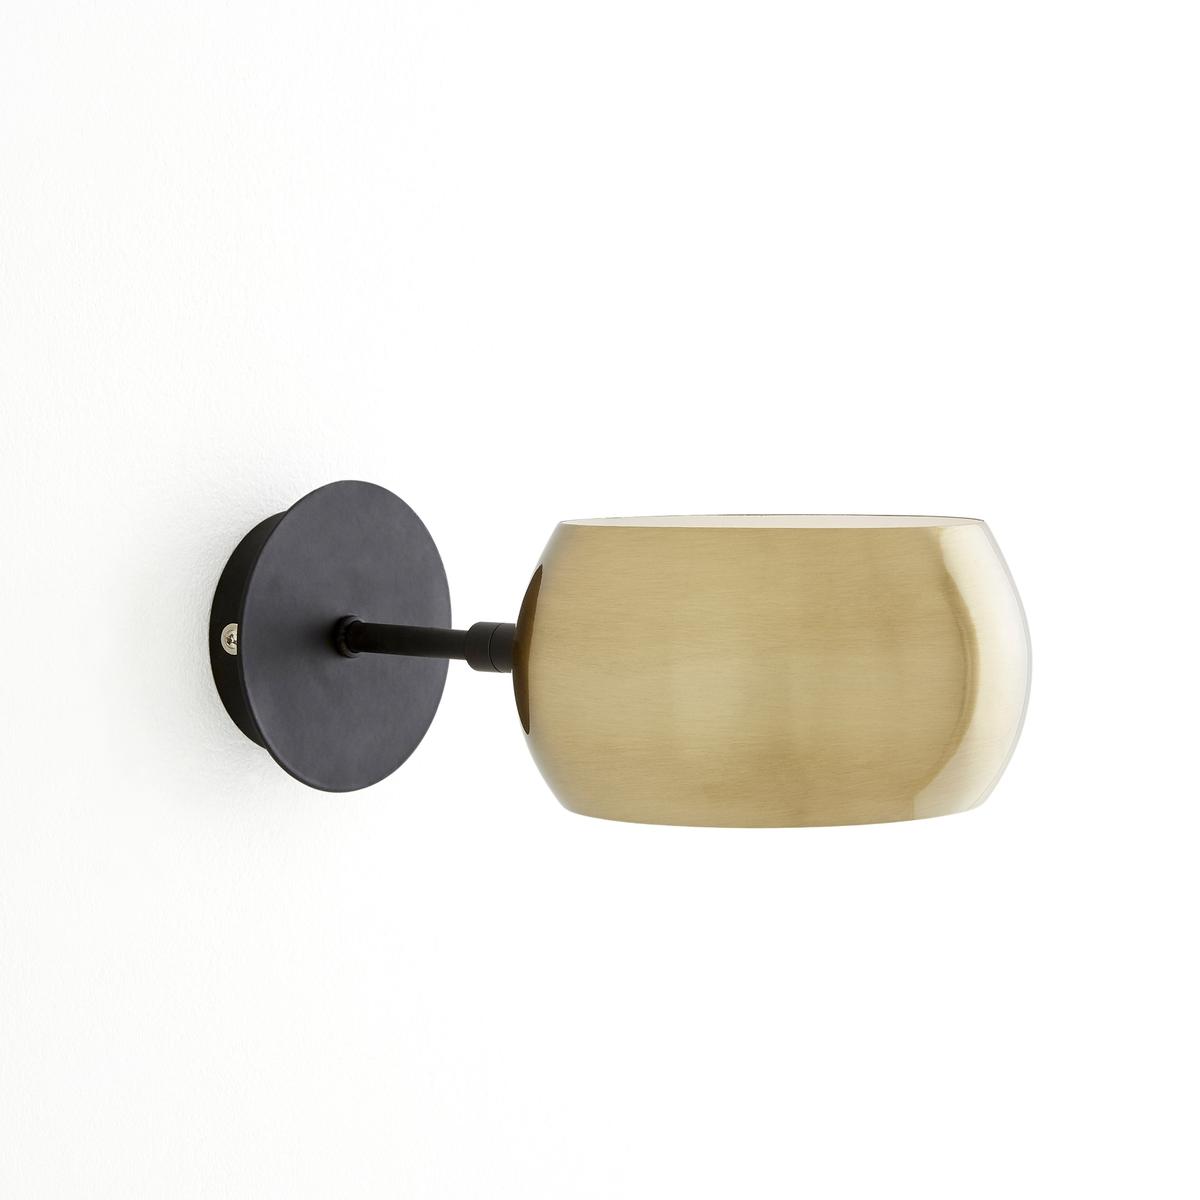 Бра из черного металла и металла с отделкой под латунь, ELORI бра настенное из металла elori